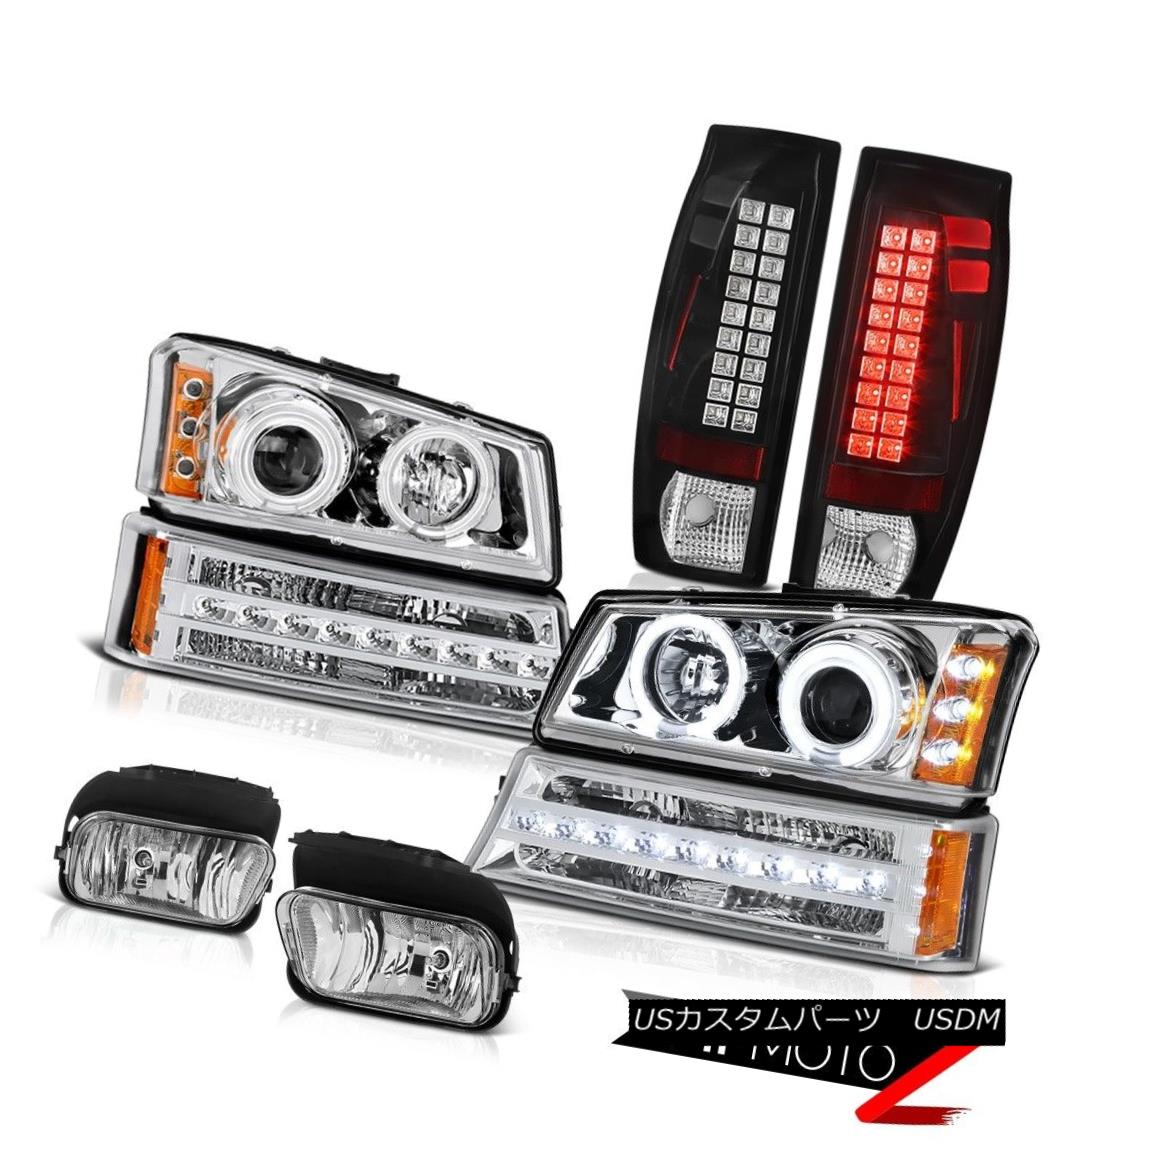 ヘッドライト 03-06 Avalanche 2500 Euro Chrome Foglights Taillamps Parking Lamp Headlamps SMD 03-06雪崩2500ユーロクロムフォグライトタイルランプパーキングランプヘッドランプSMD